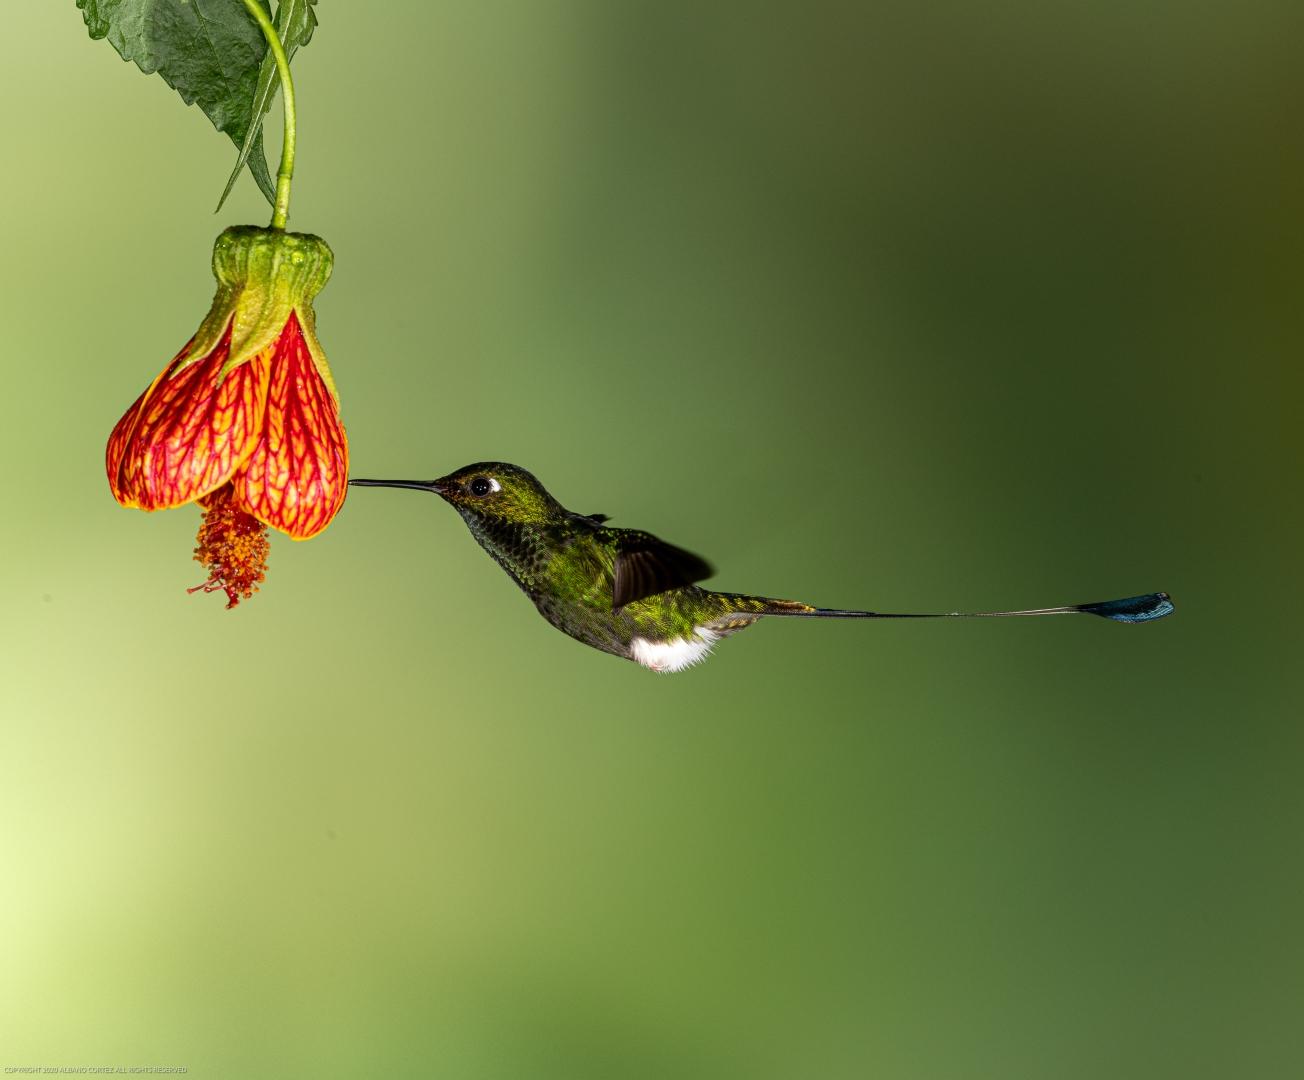 Animais/Colibri cauda de raquete